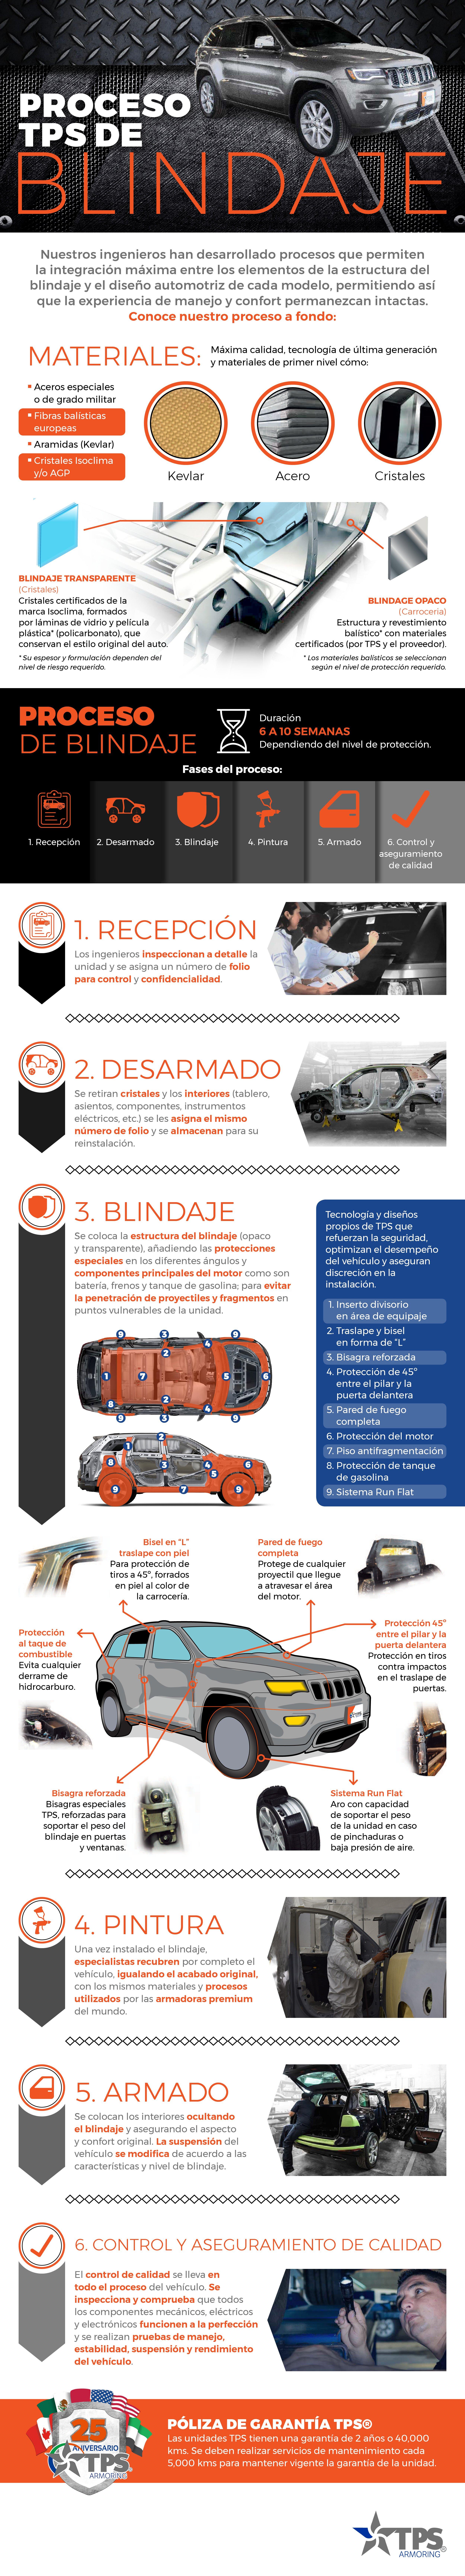 Infografia_16_enero_TPS